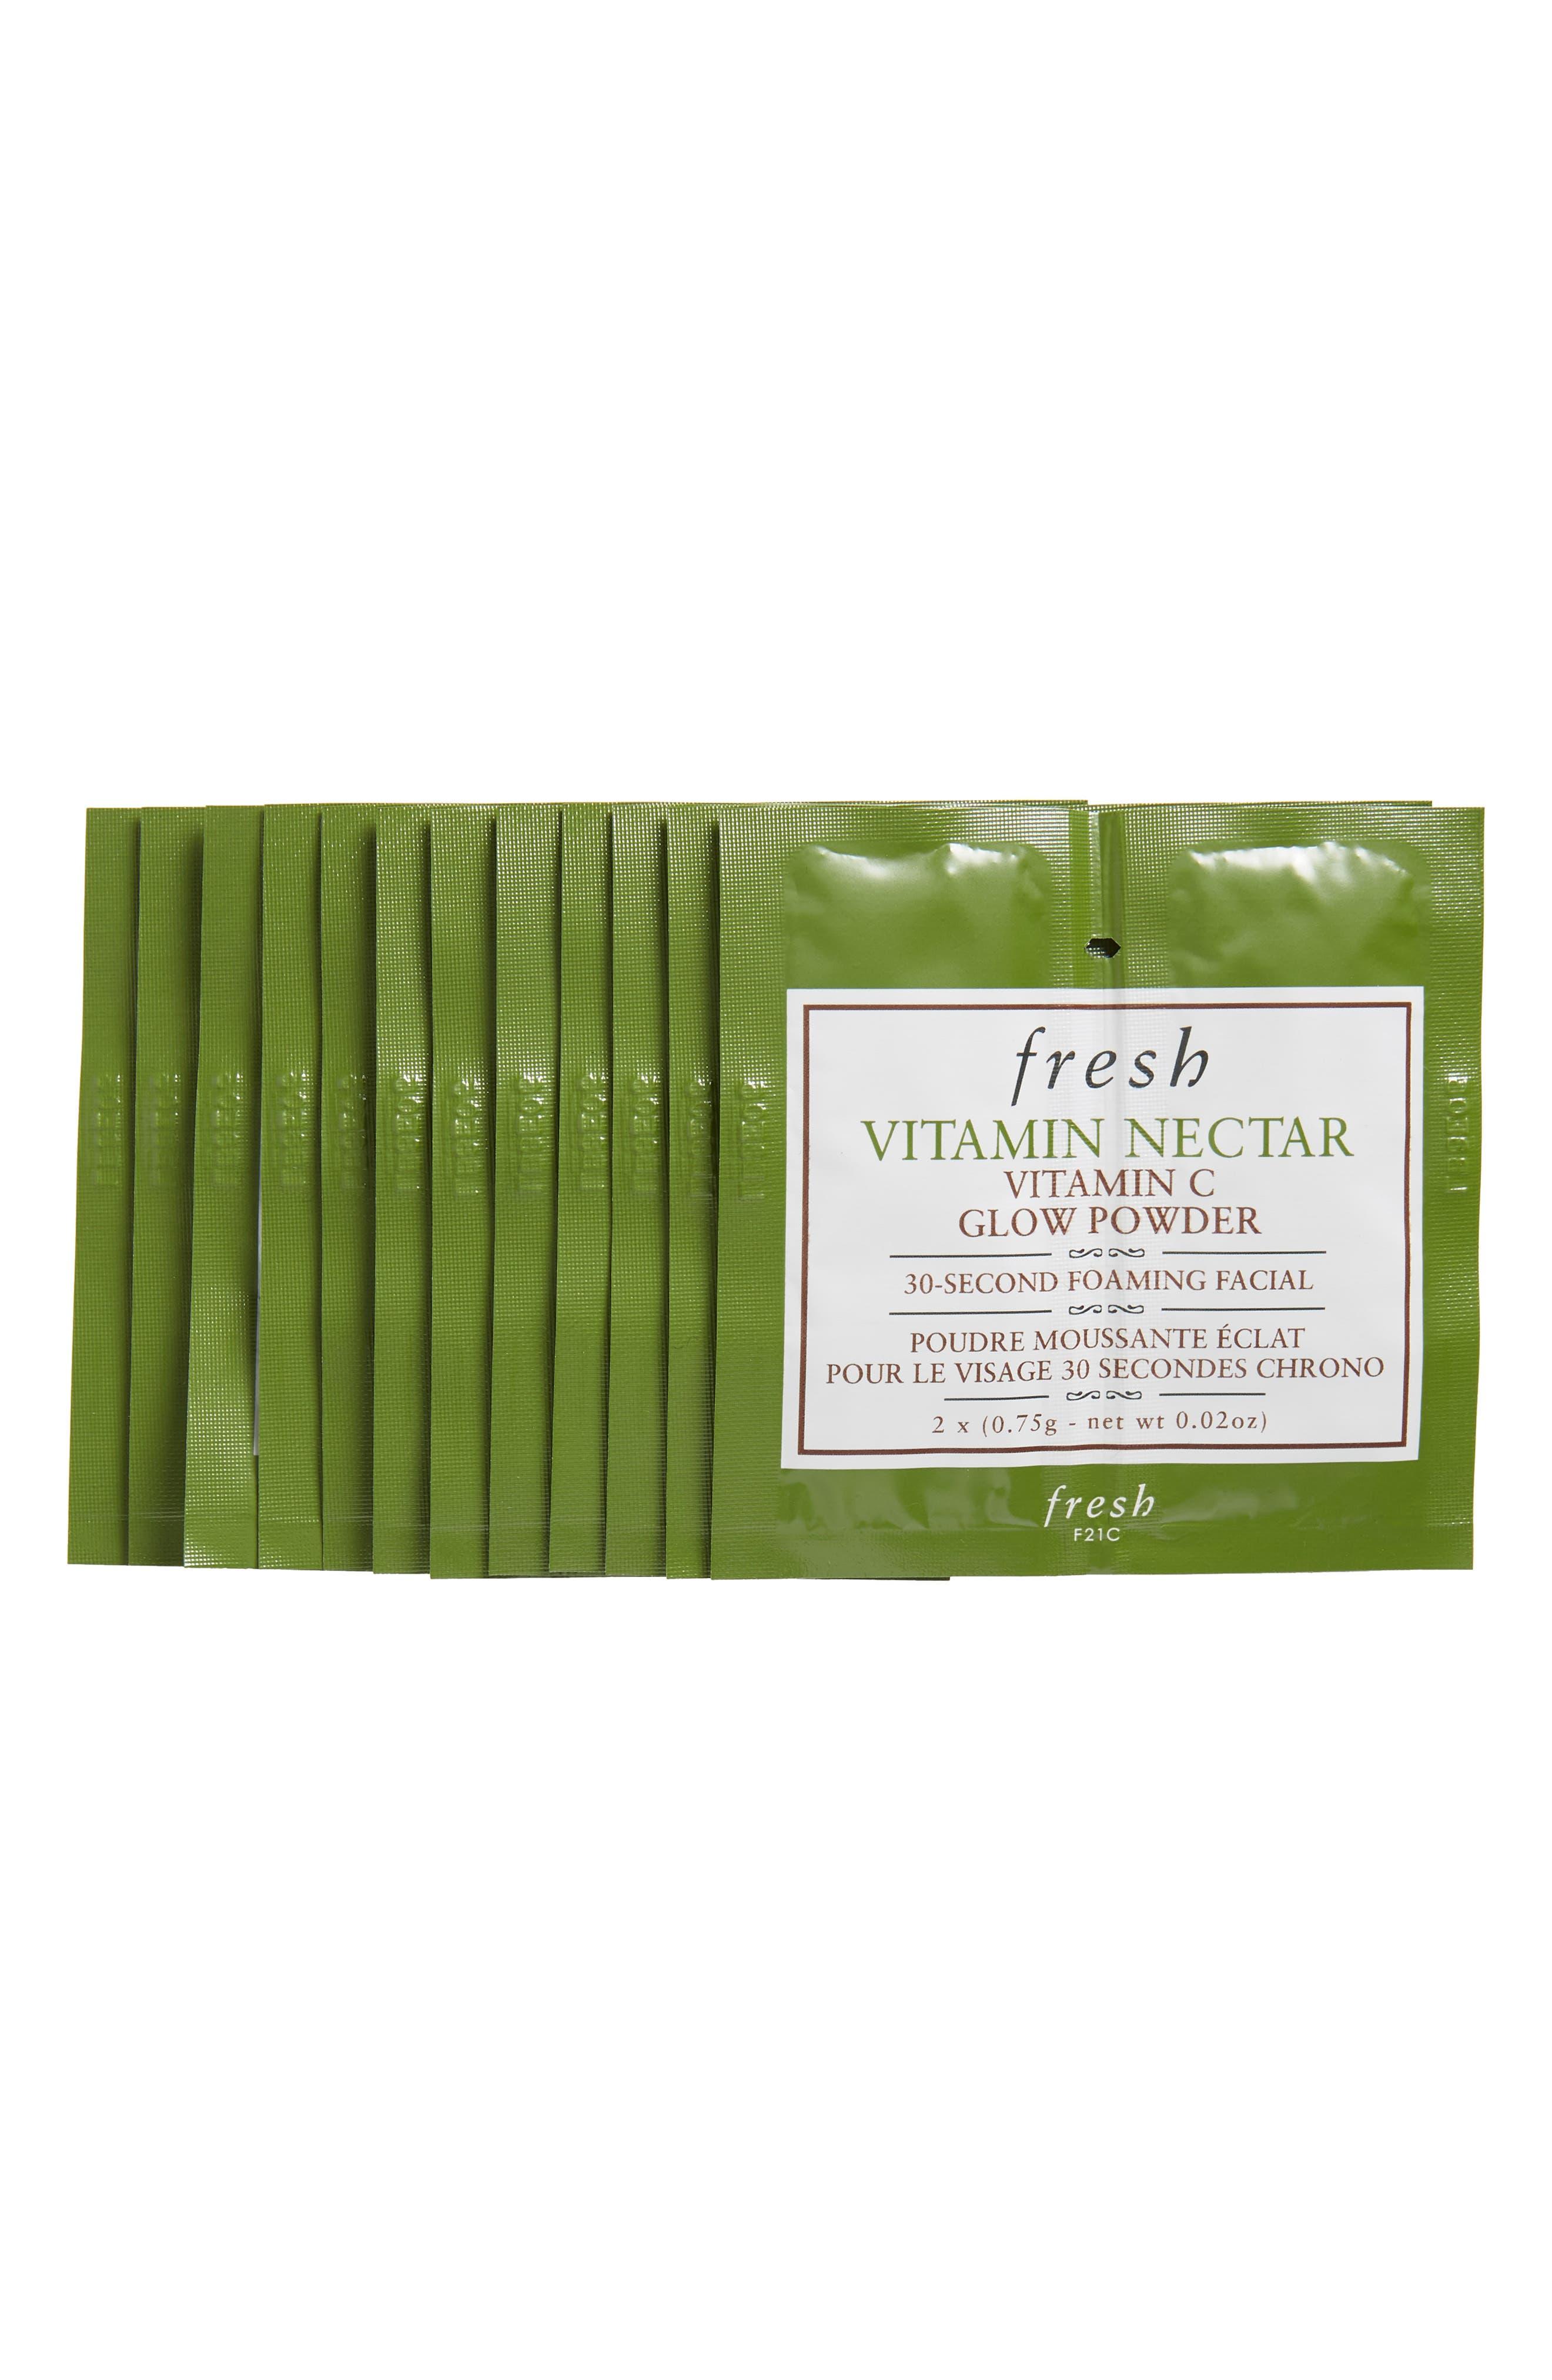 Vitamin Nectar Glow Powder,                             Main thumbnail 1, color,                             NO COLOR